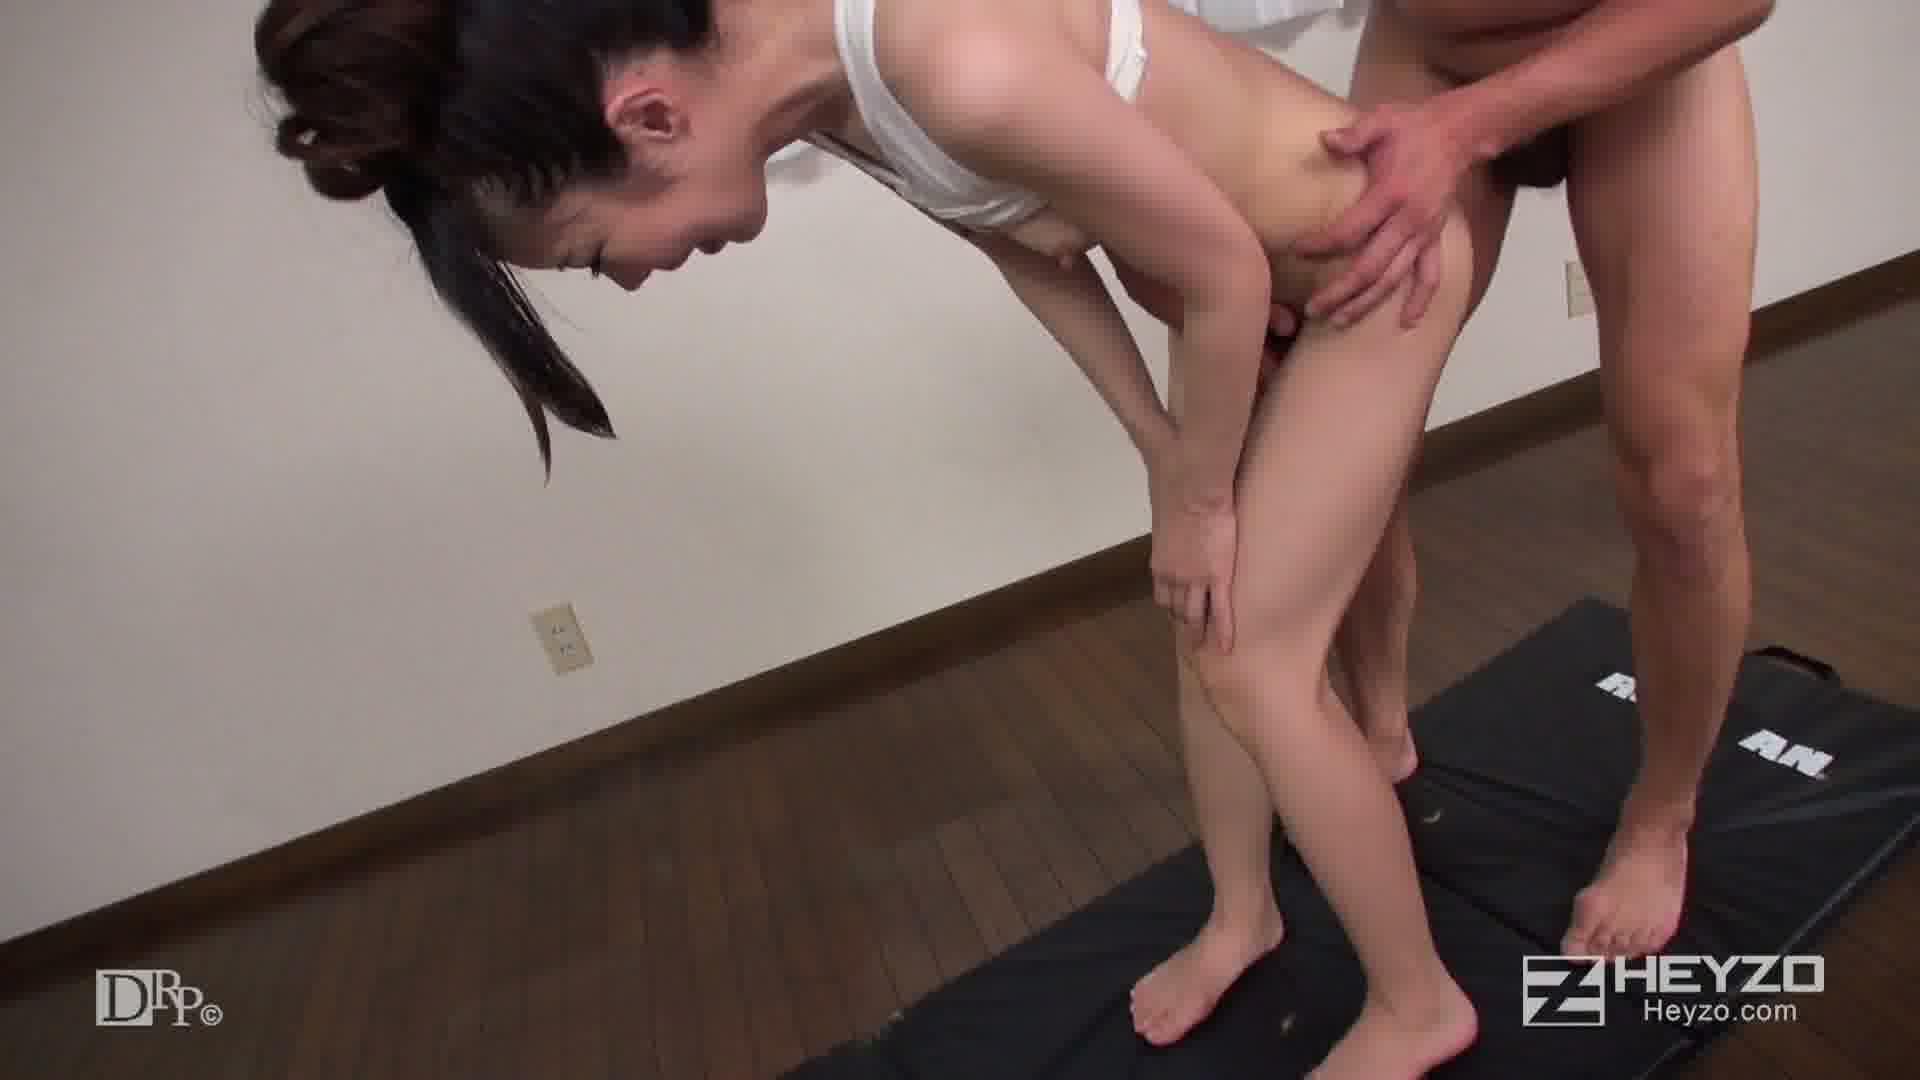 セックスで痩せる!?パコパコダイエット法!! - 黒羽みり【正常位 座位 騎乗位 立ちバック 側位 中だし】